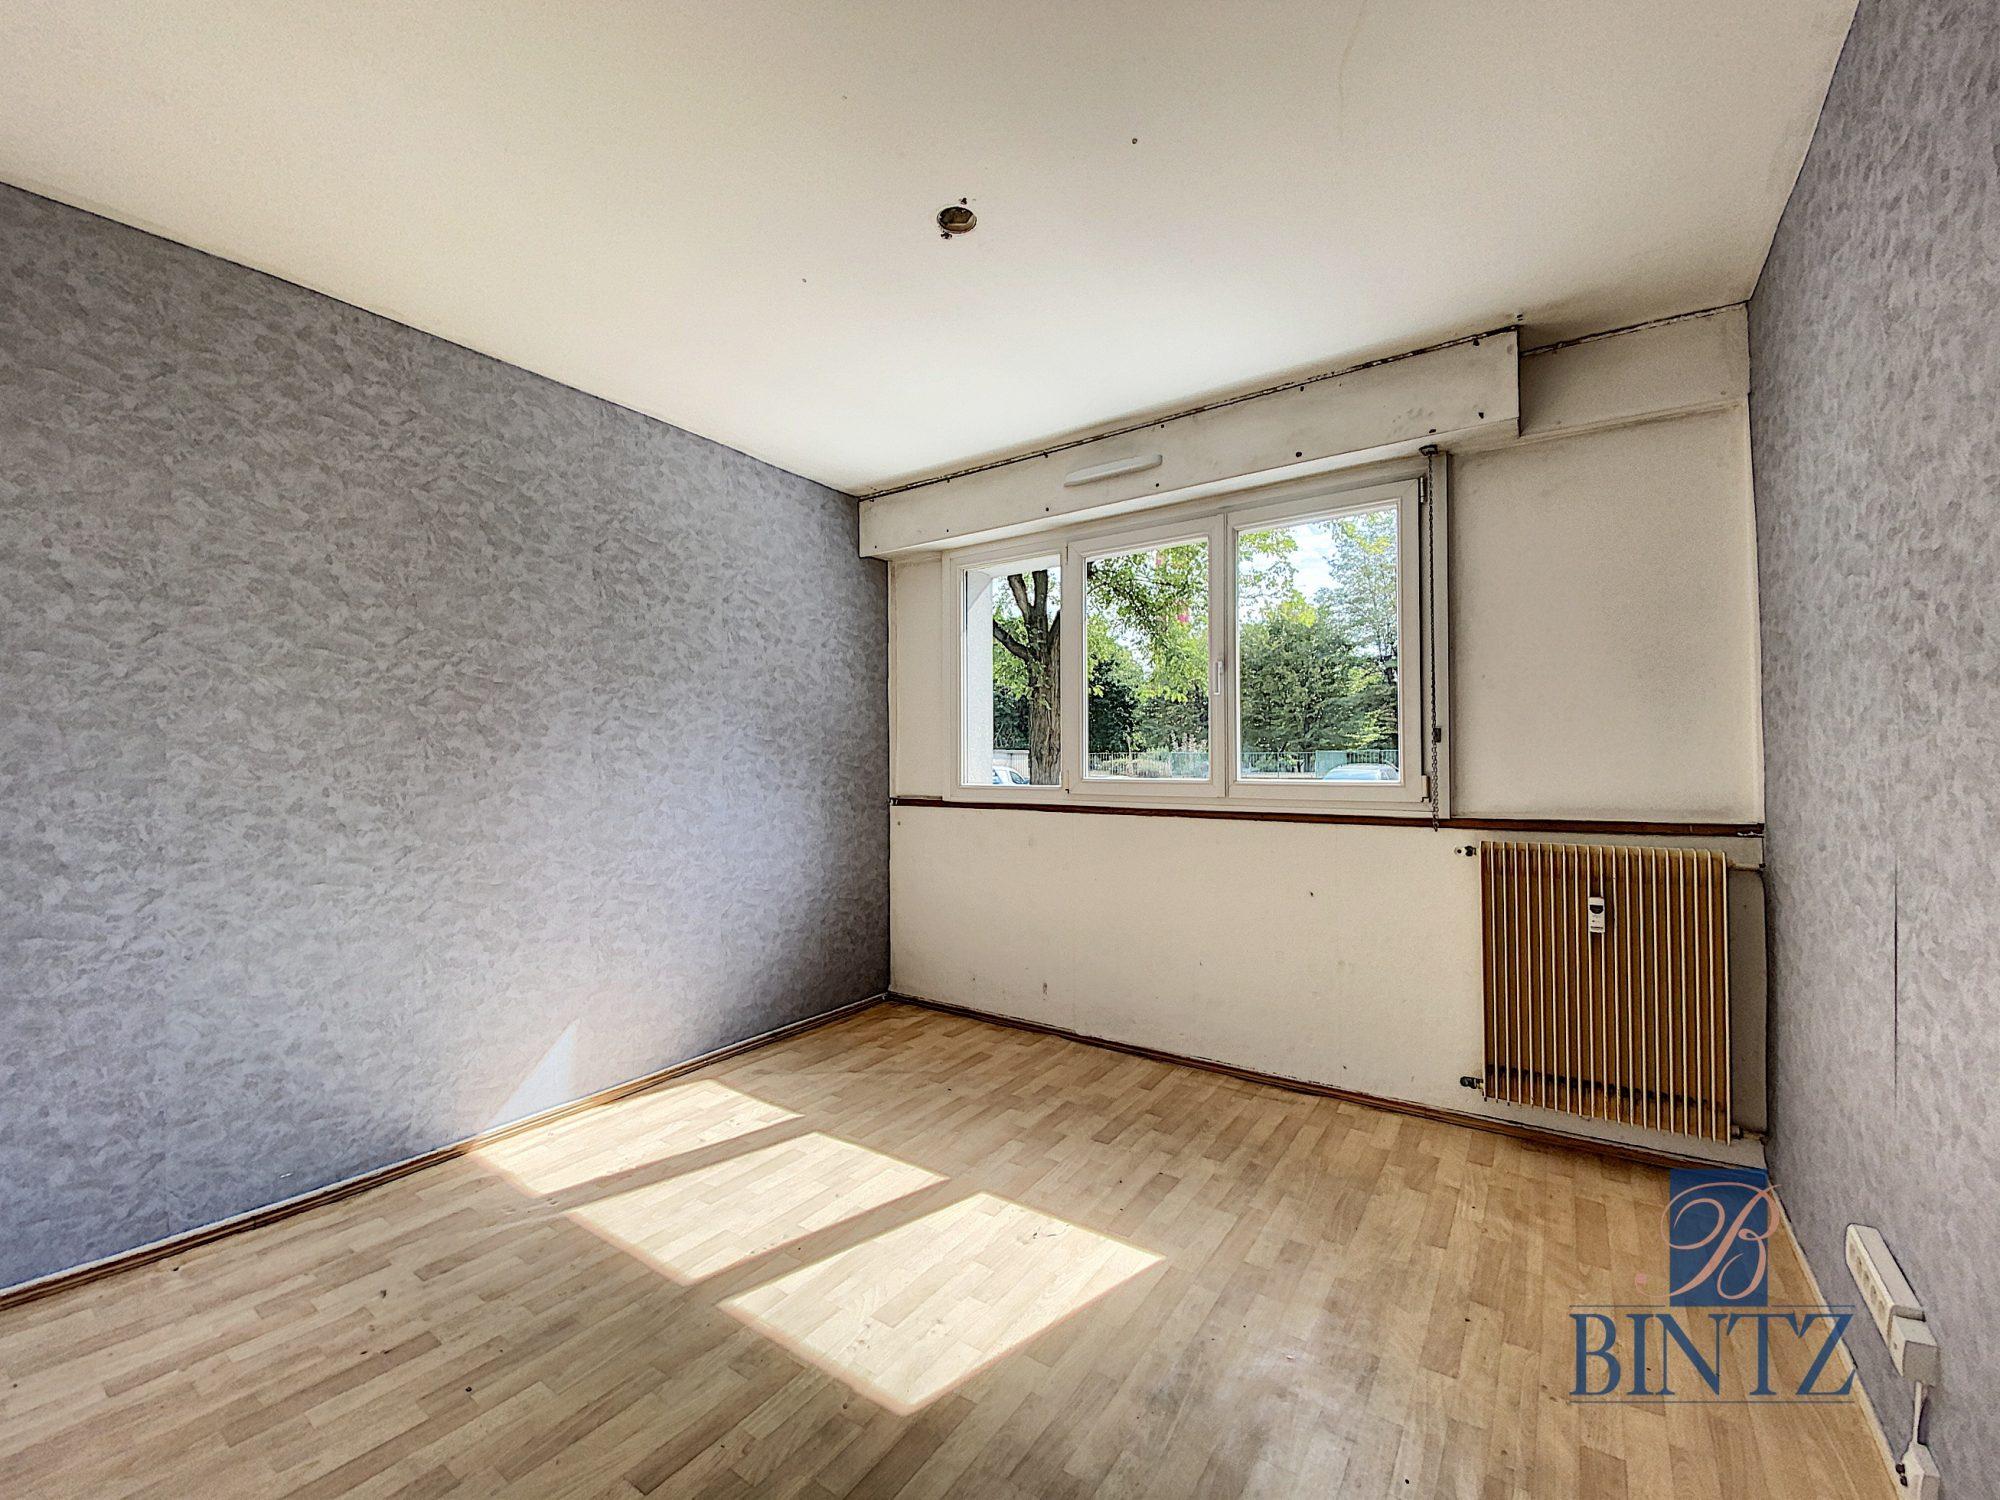 Boulevard la Fontaine Appartement 3 pièces + garage fermé - Devenez propriétaire en toute confiance - Bintz Immobilier - 5